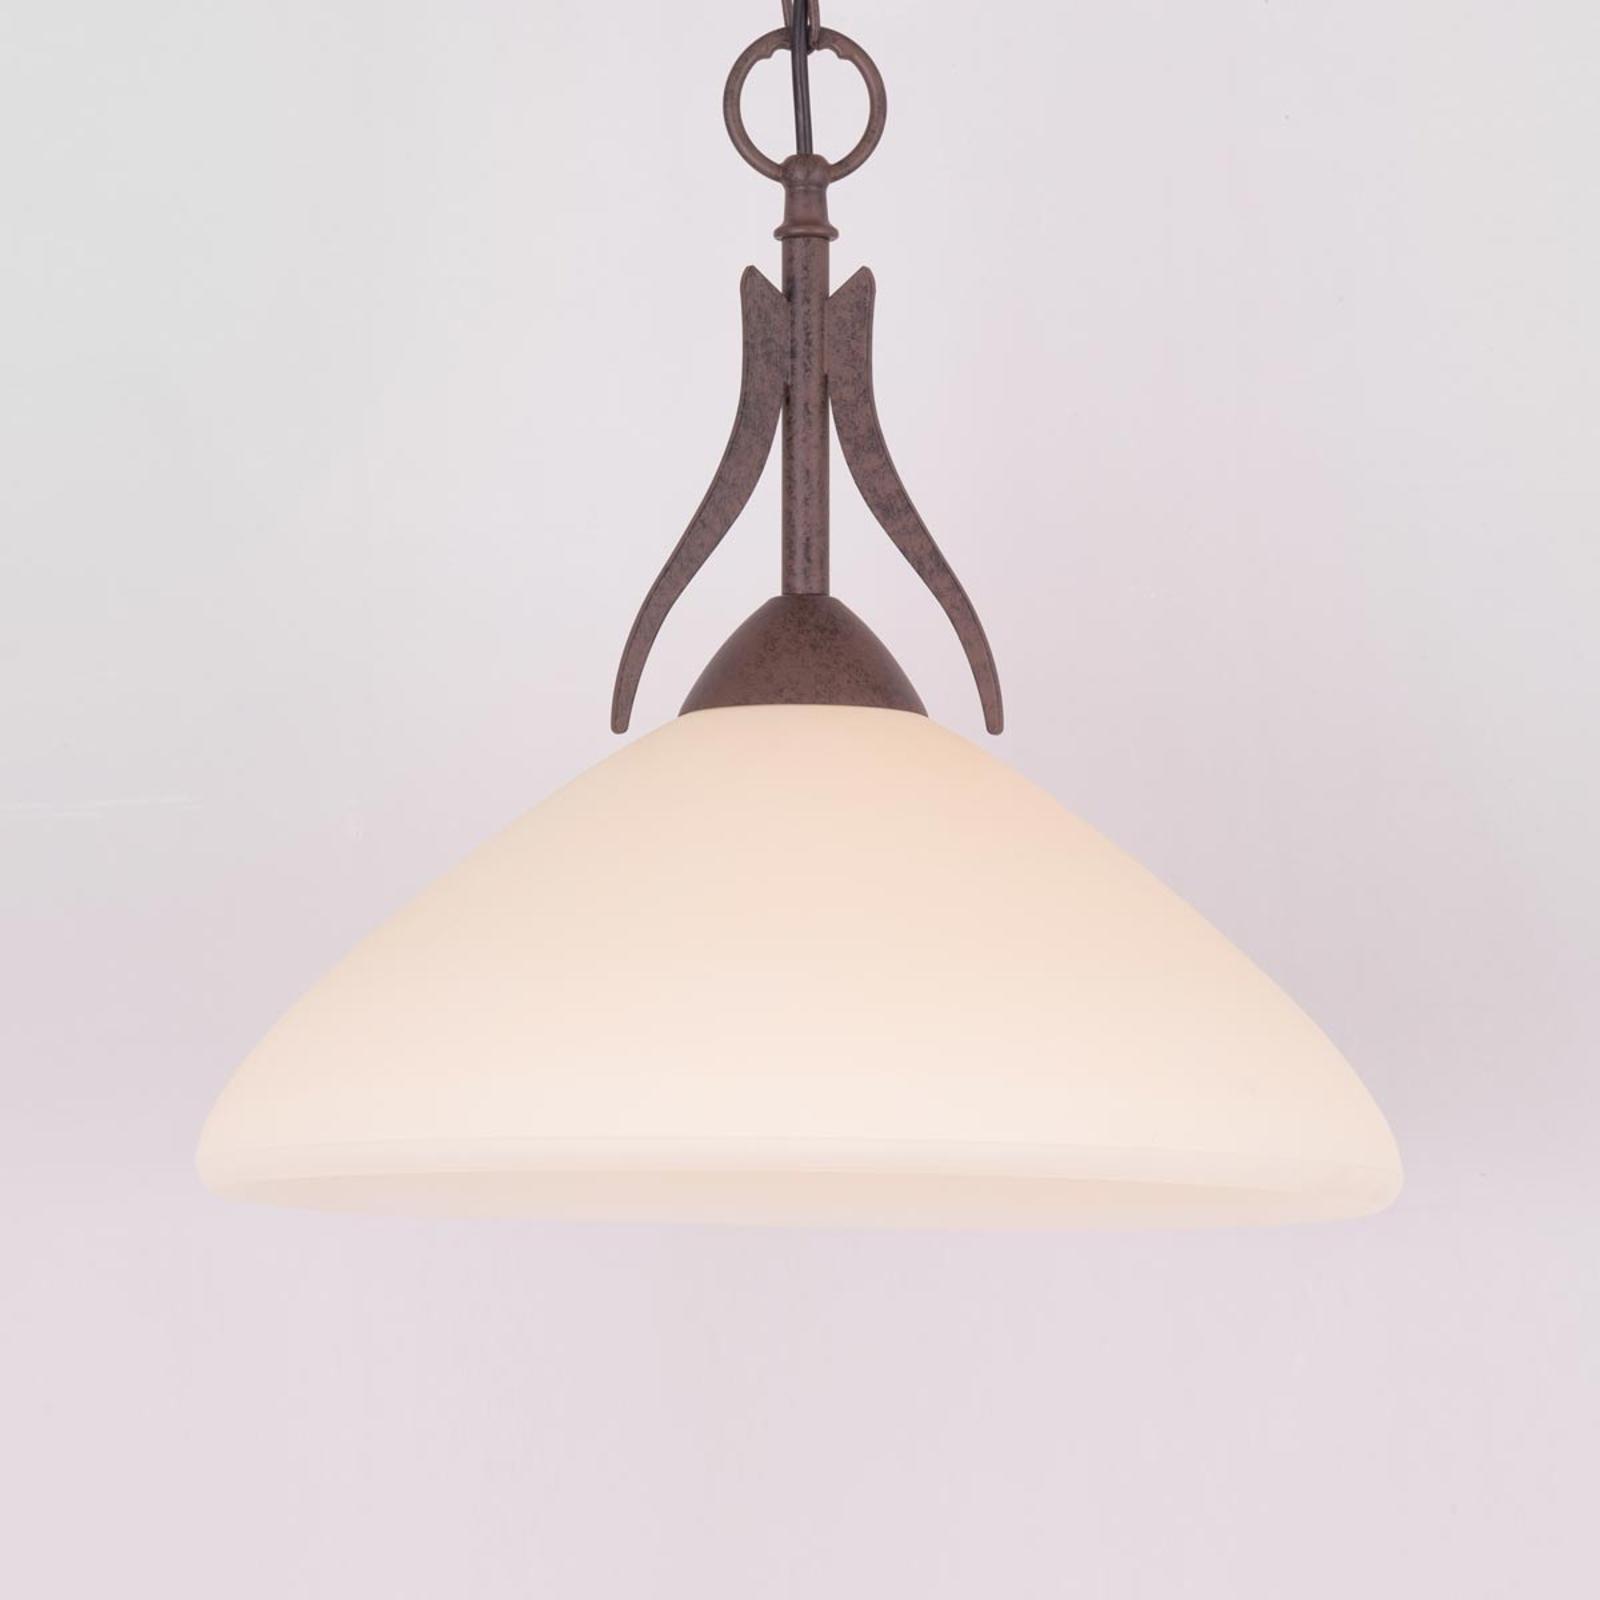 Landhuis-hanglamp Samuele, 1-lamps, crème